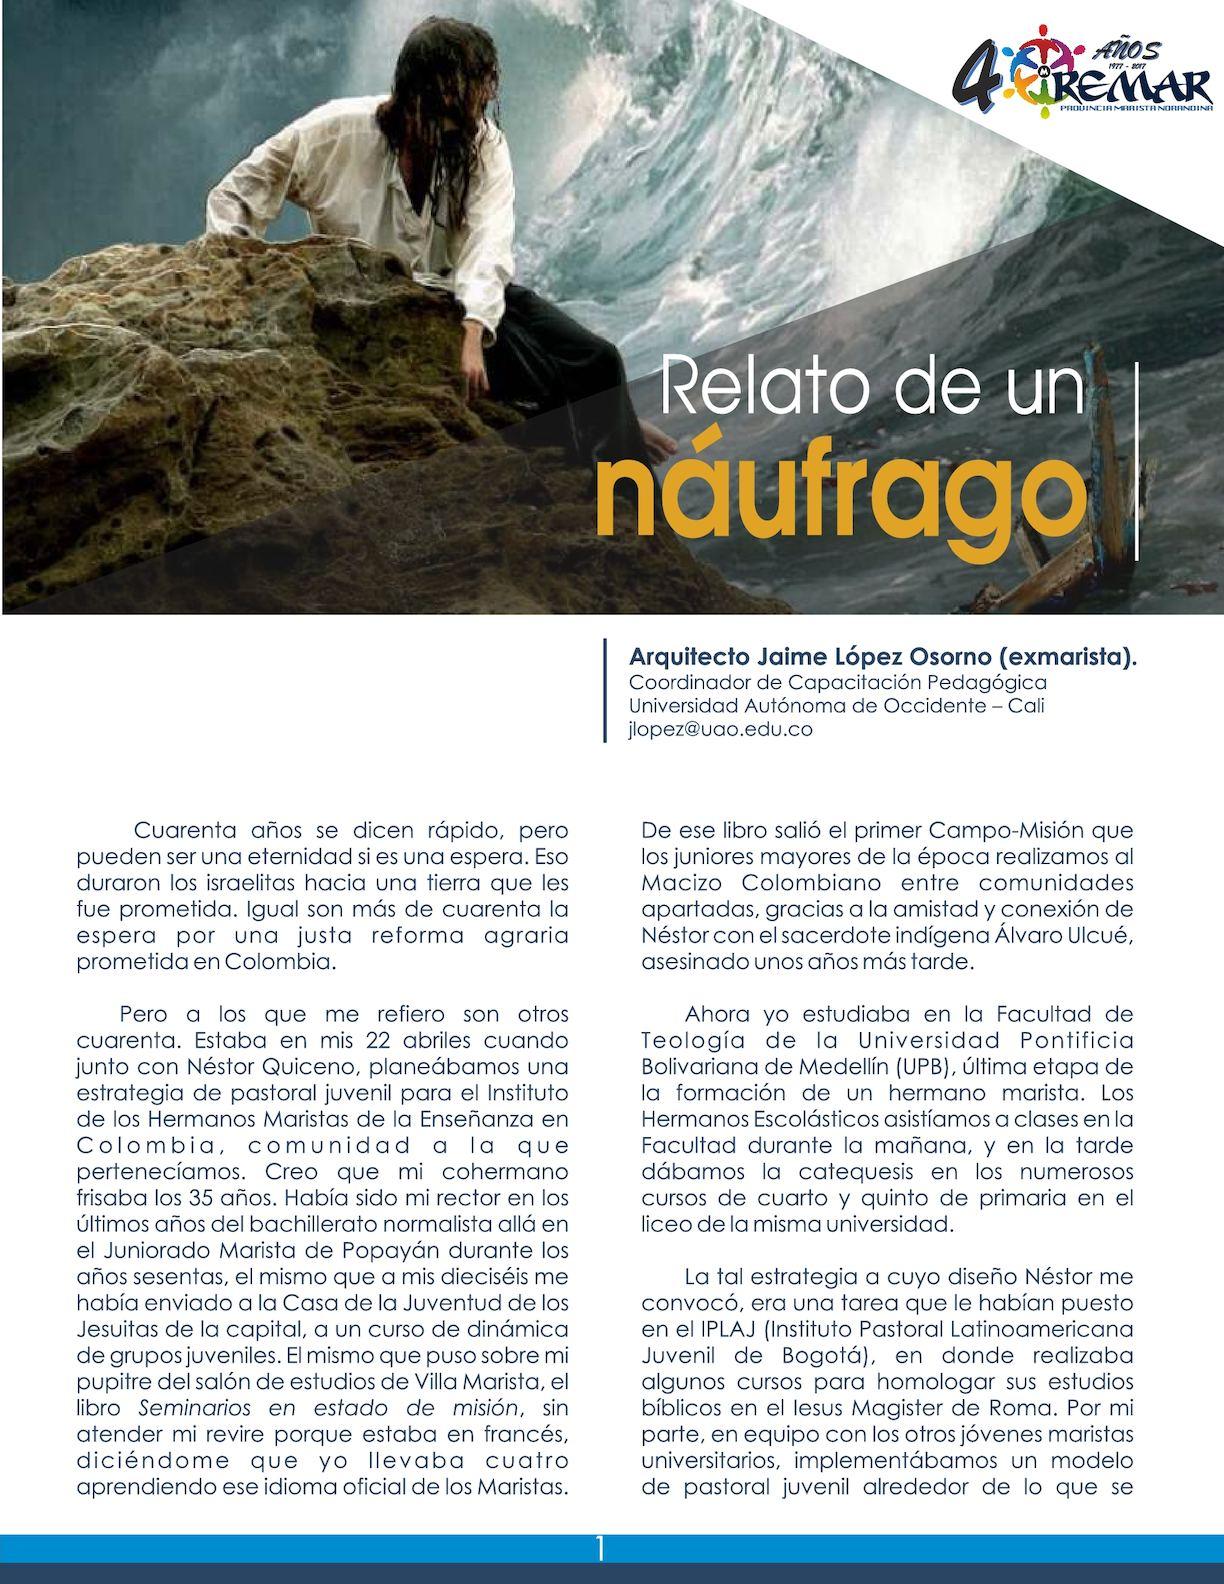 Relato De Un Náufrago